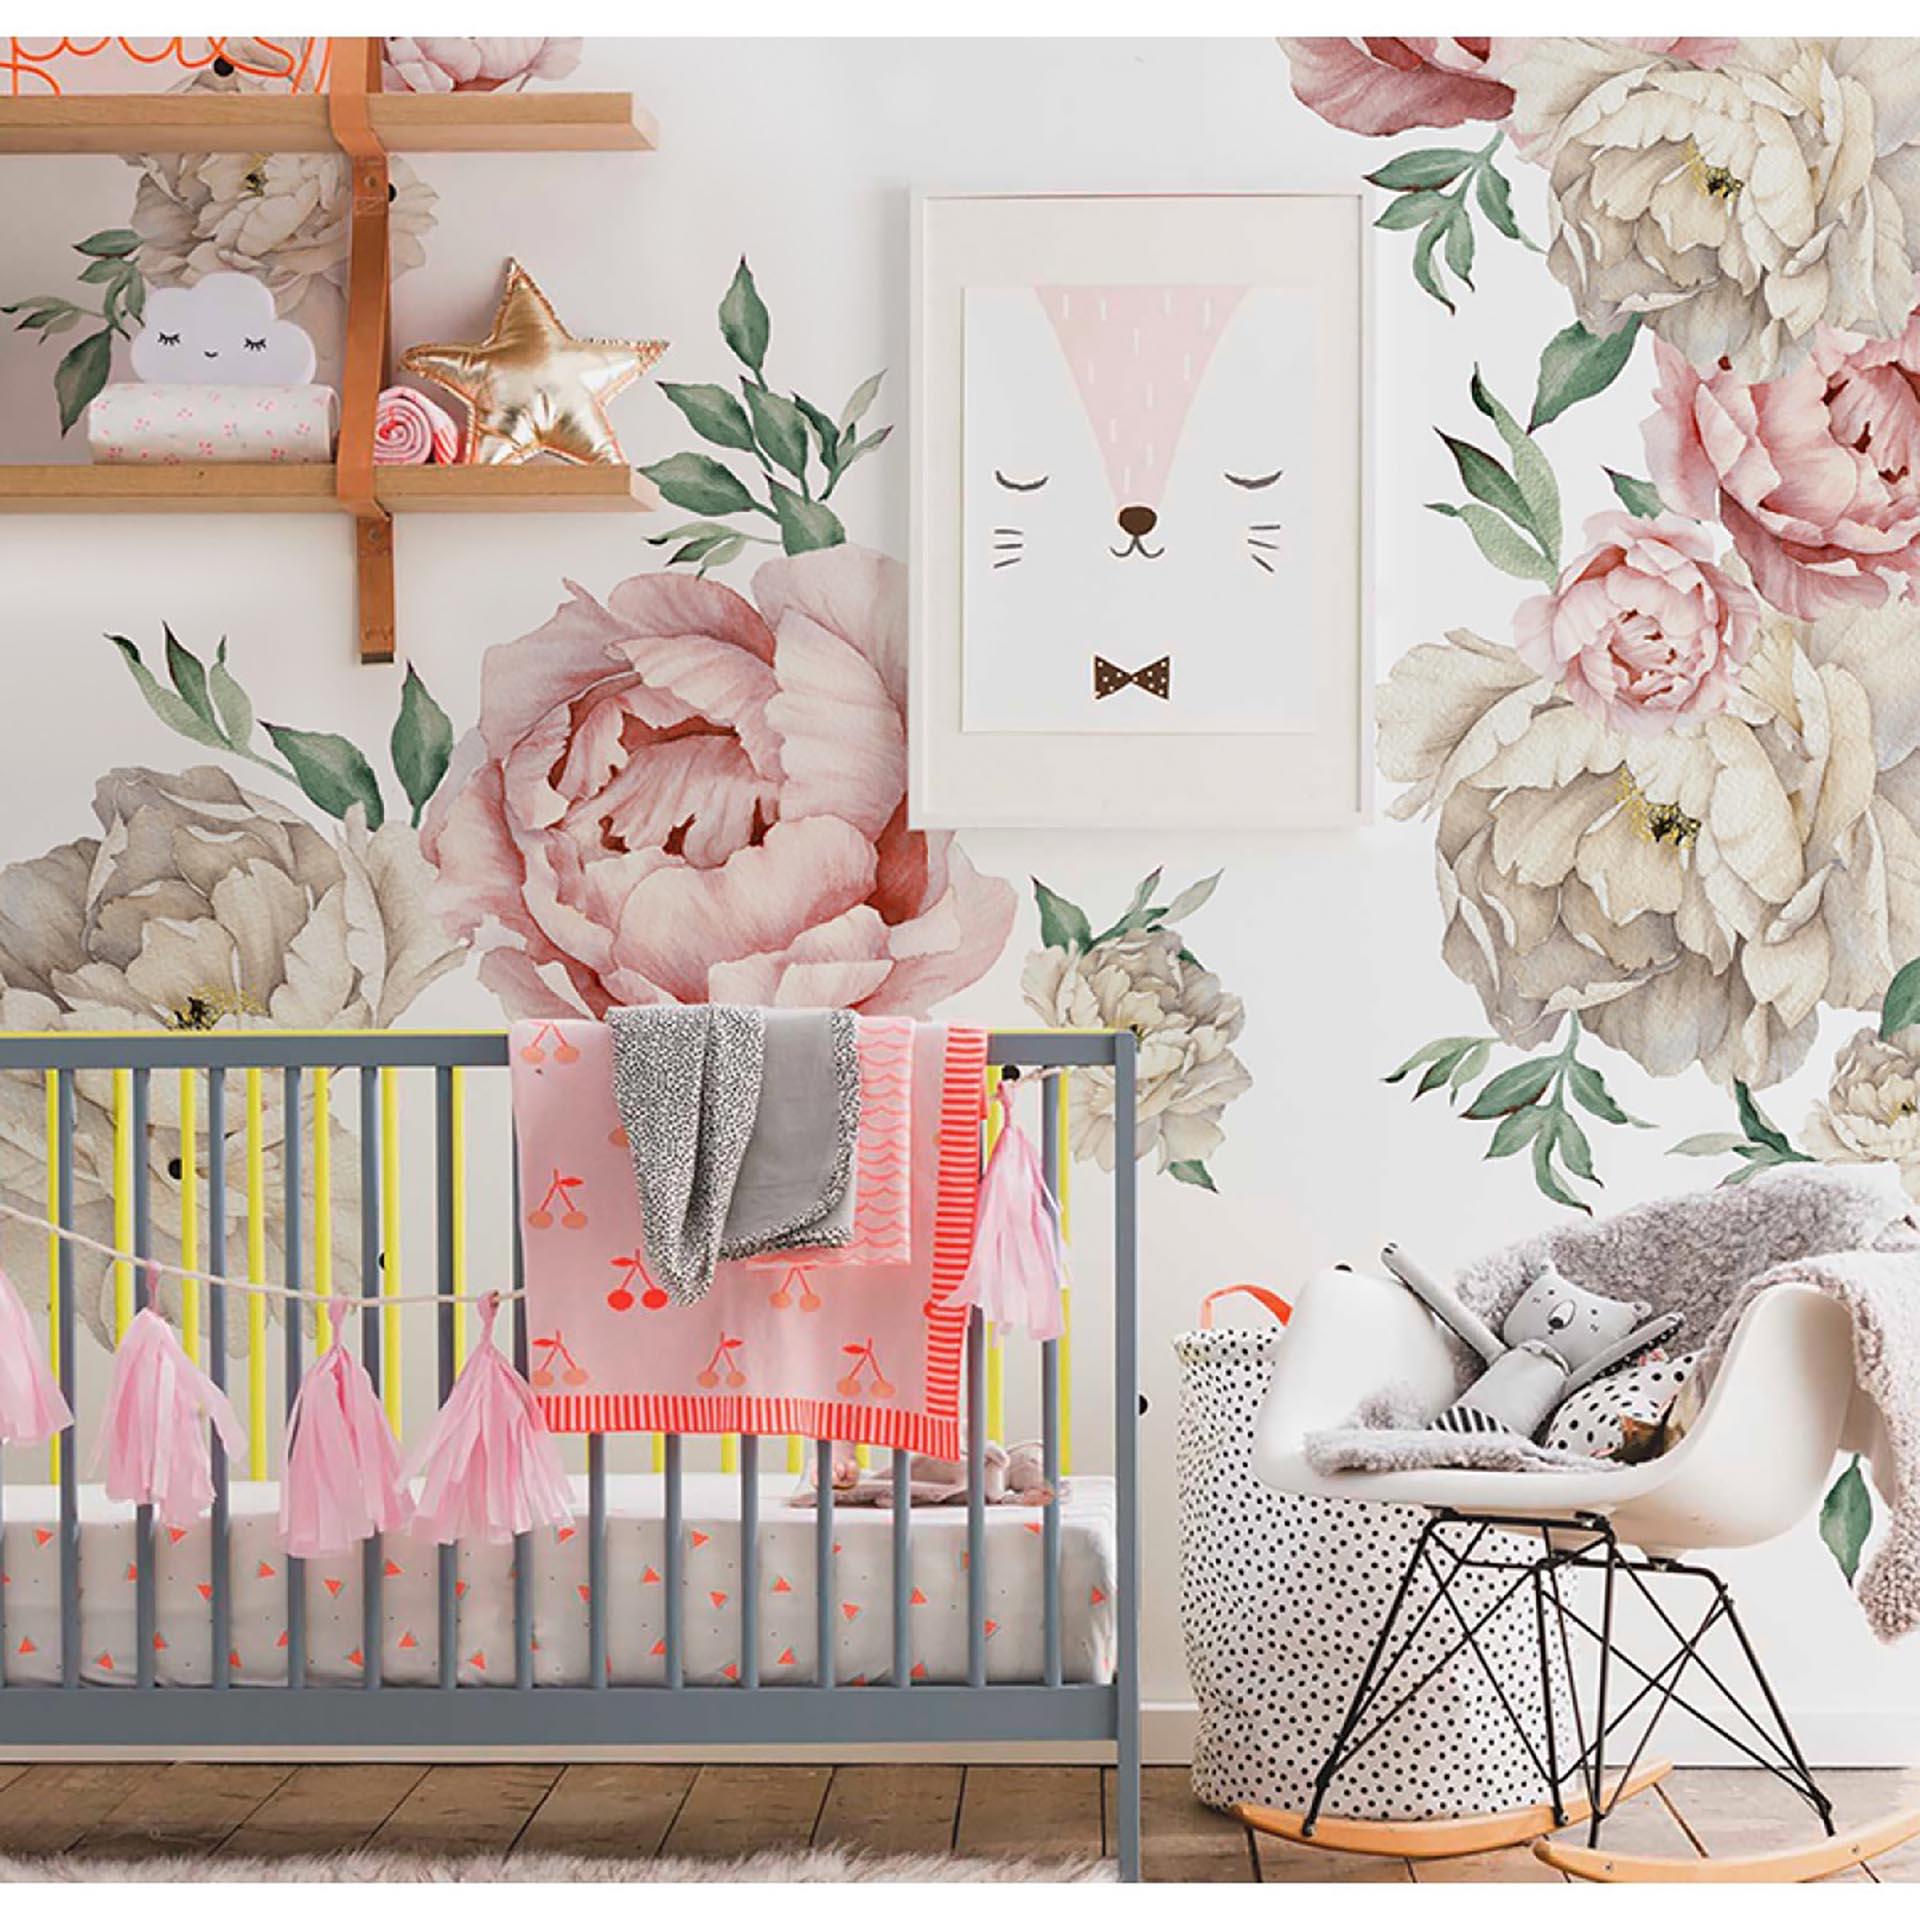 Vinilos infantiles para personalizar muebles y paredes